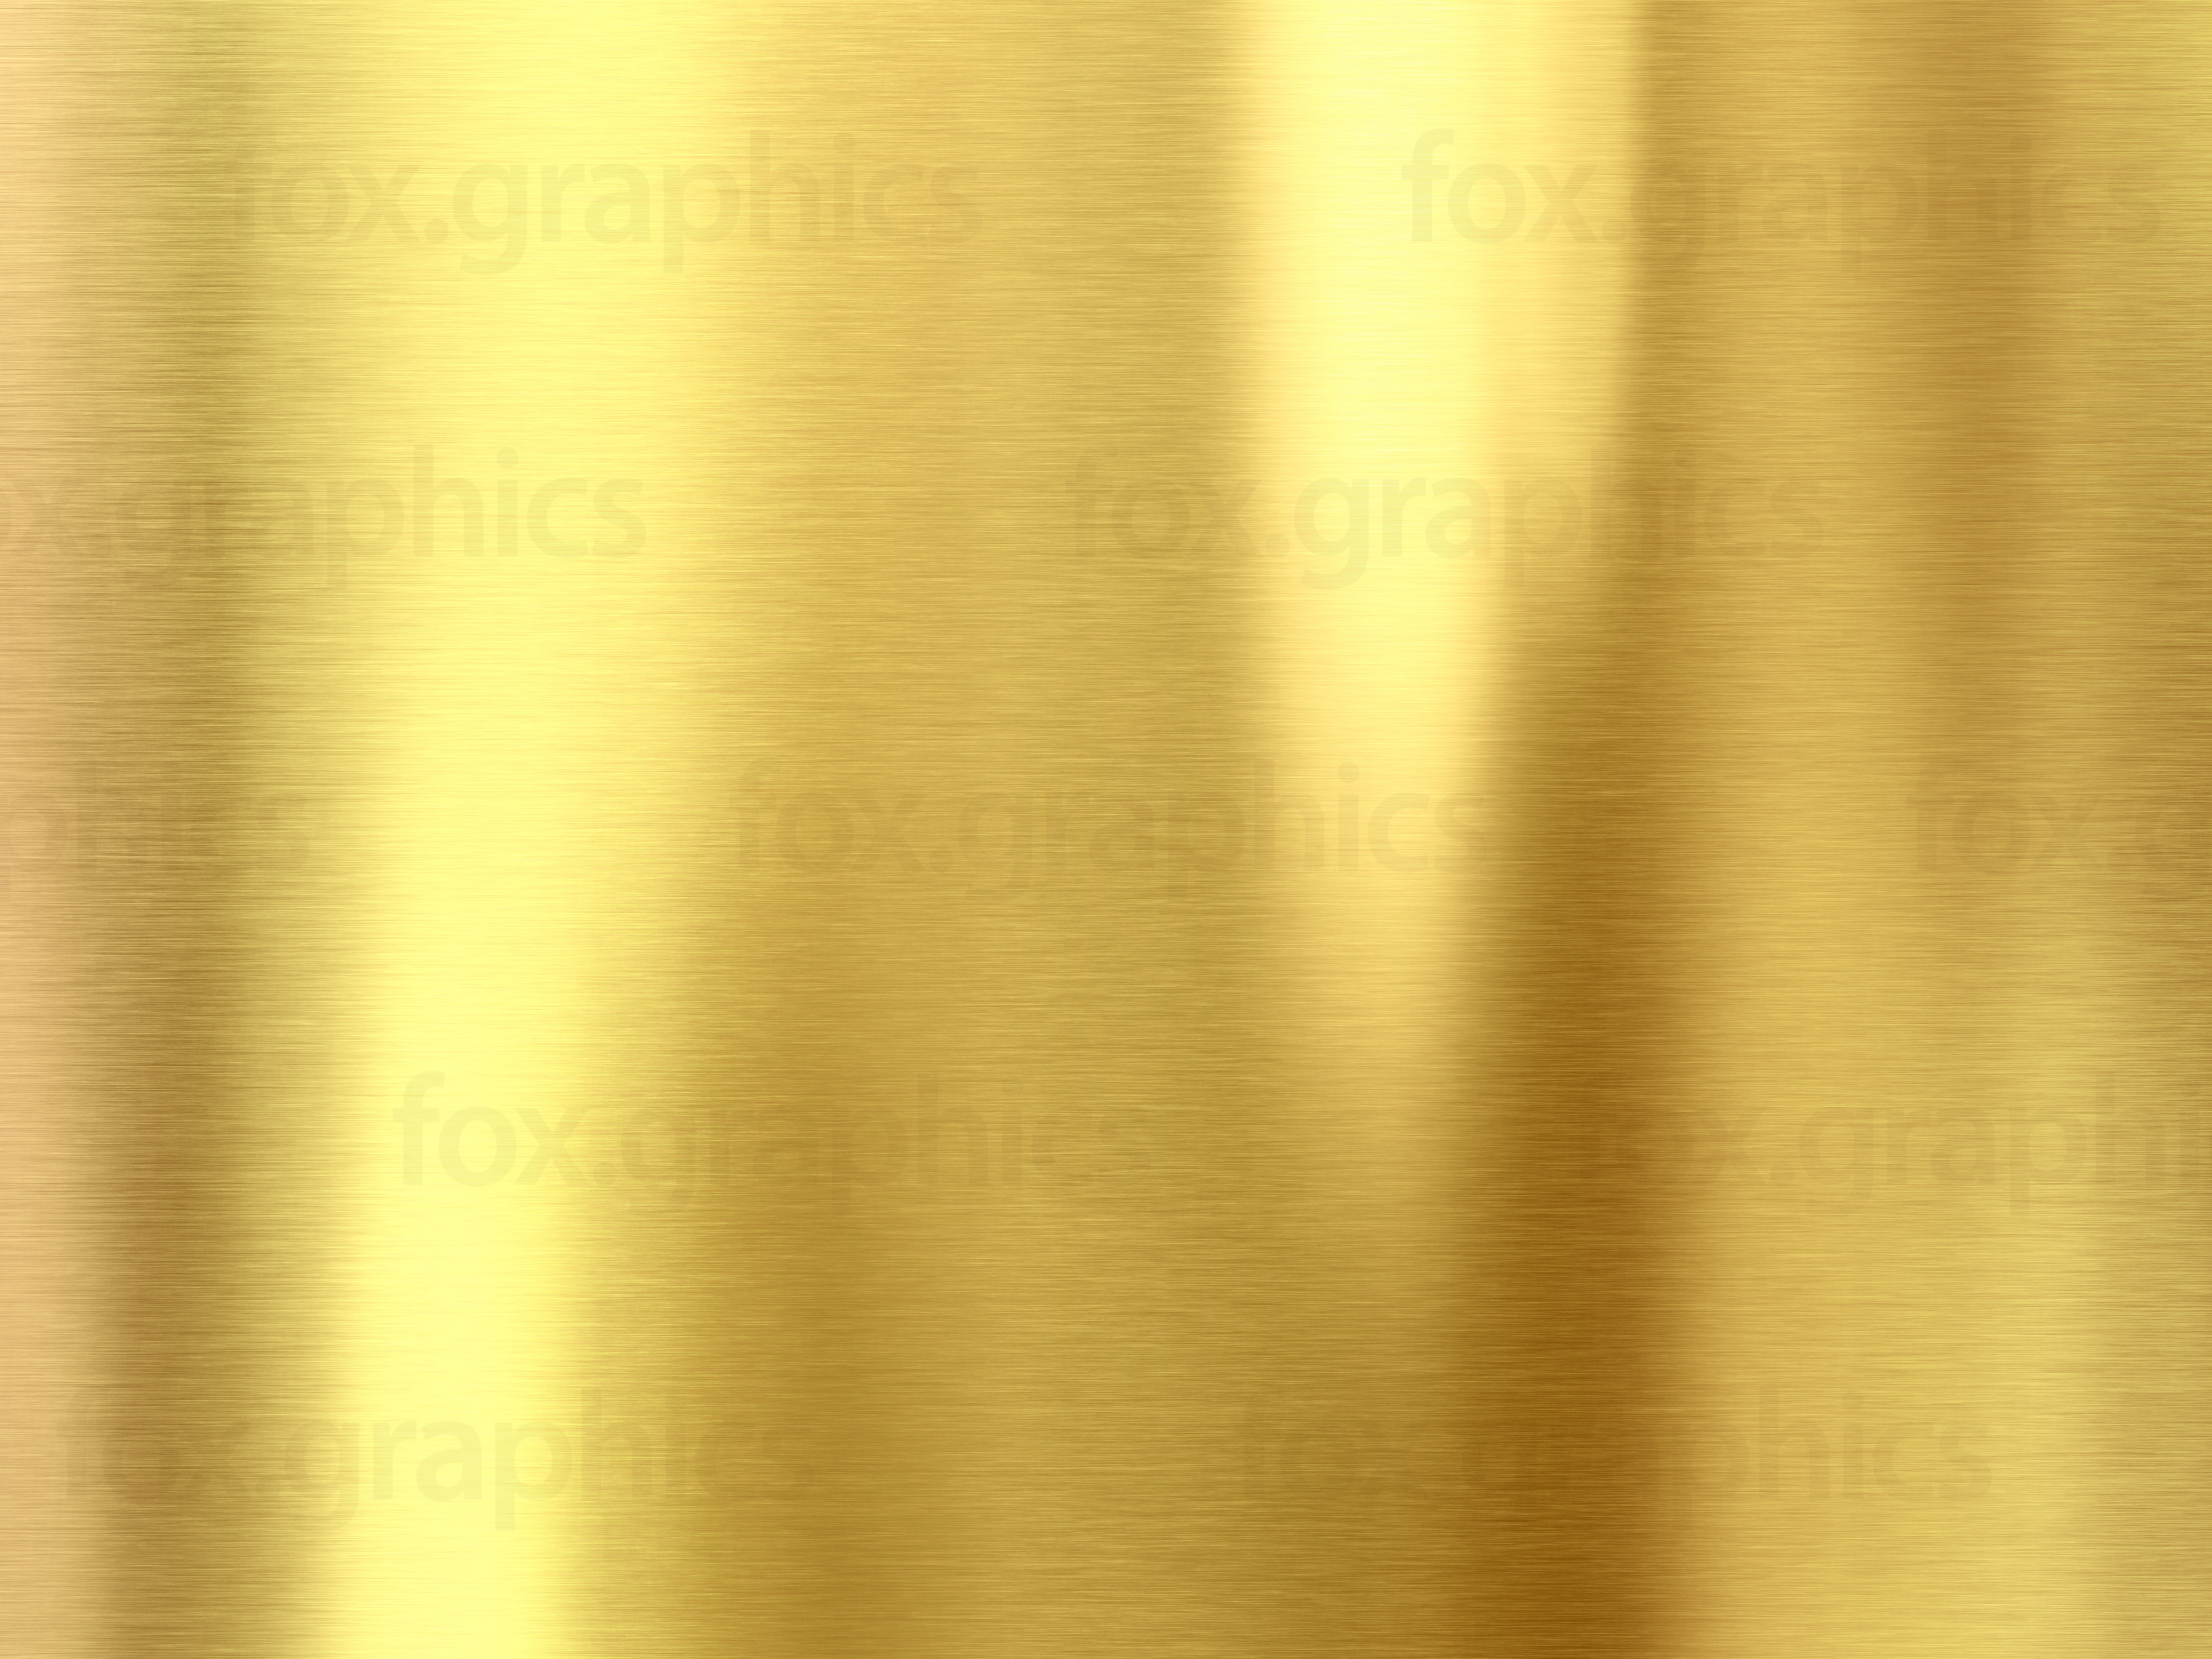 High Resolution Wallpaper | Gold 3840x2880 px